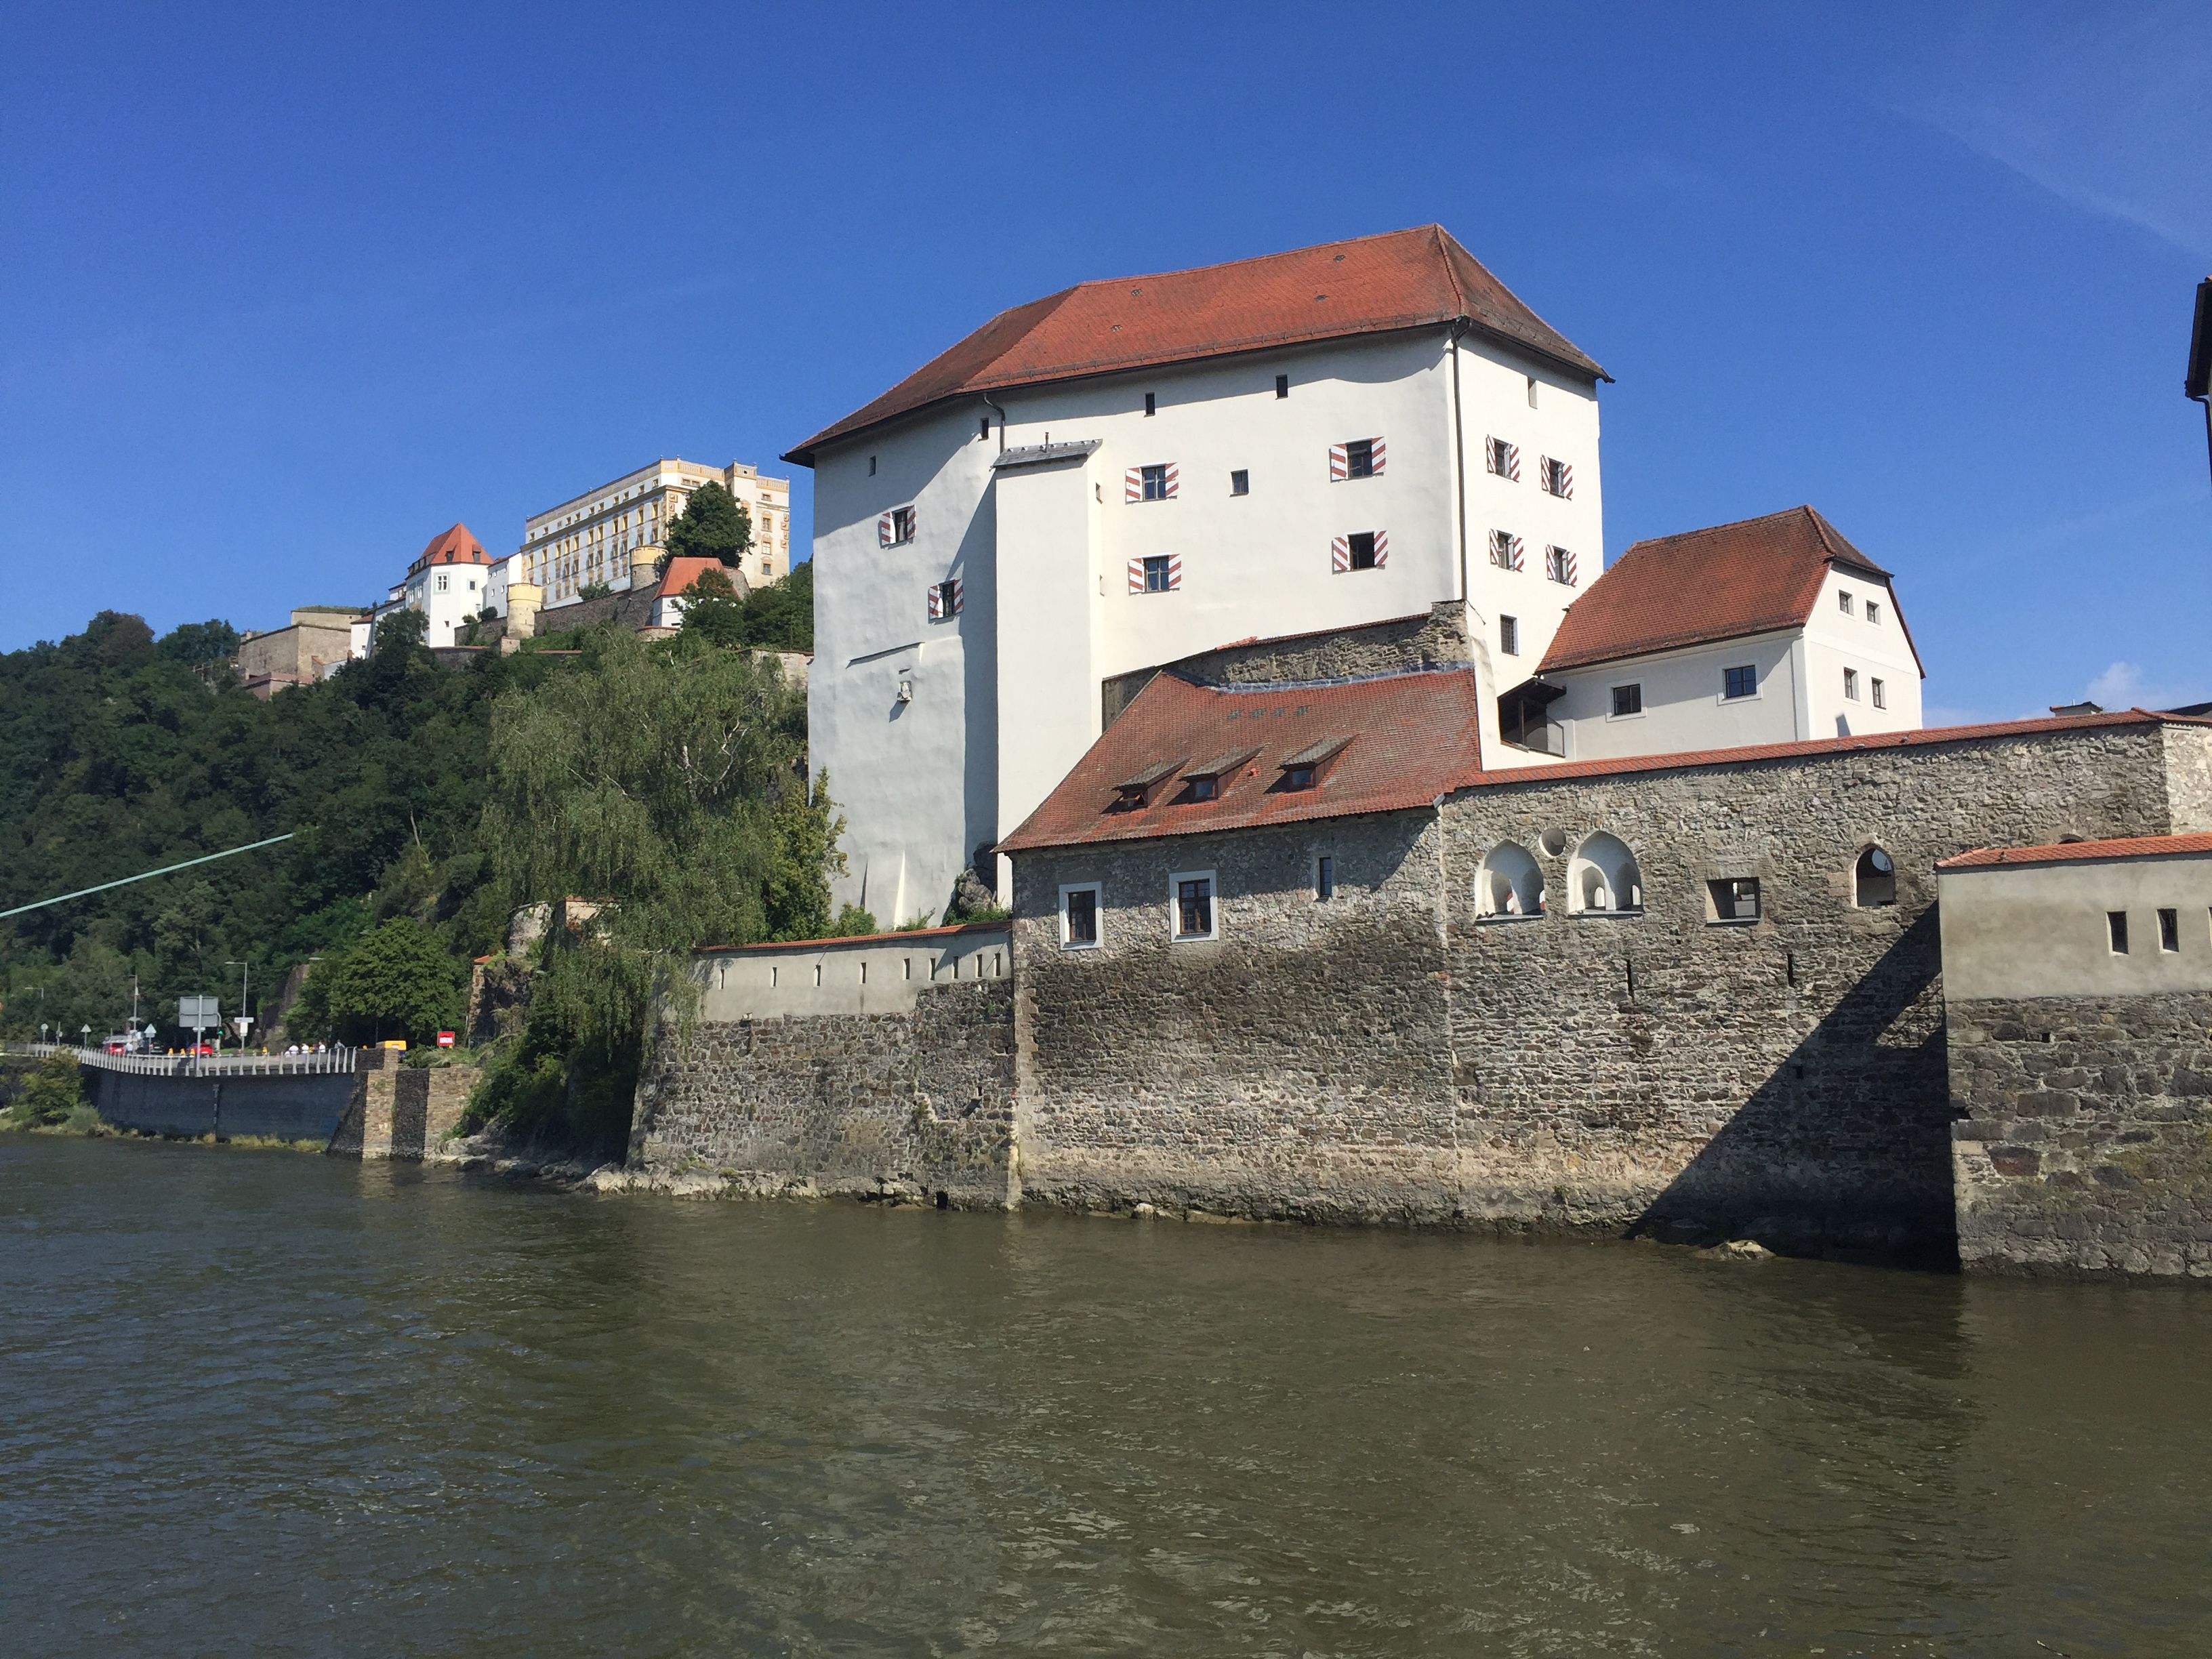 20160814 3 Passau (13)